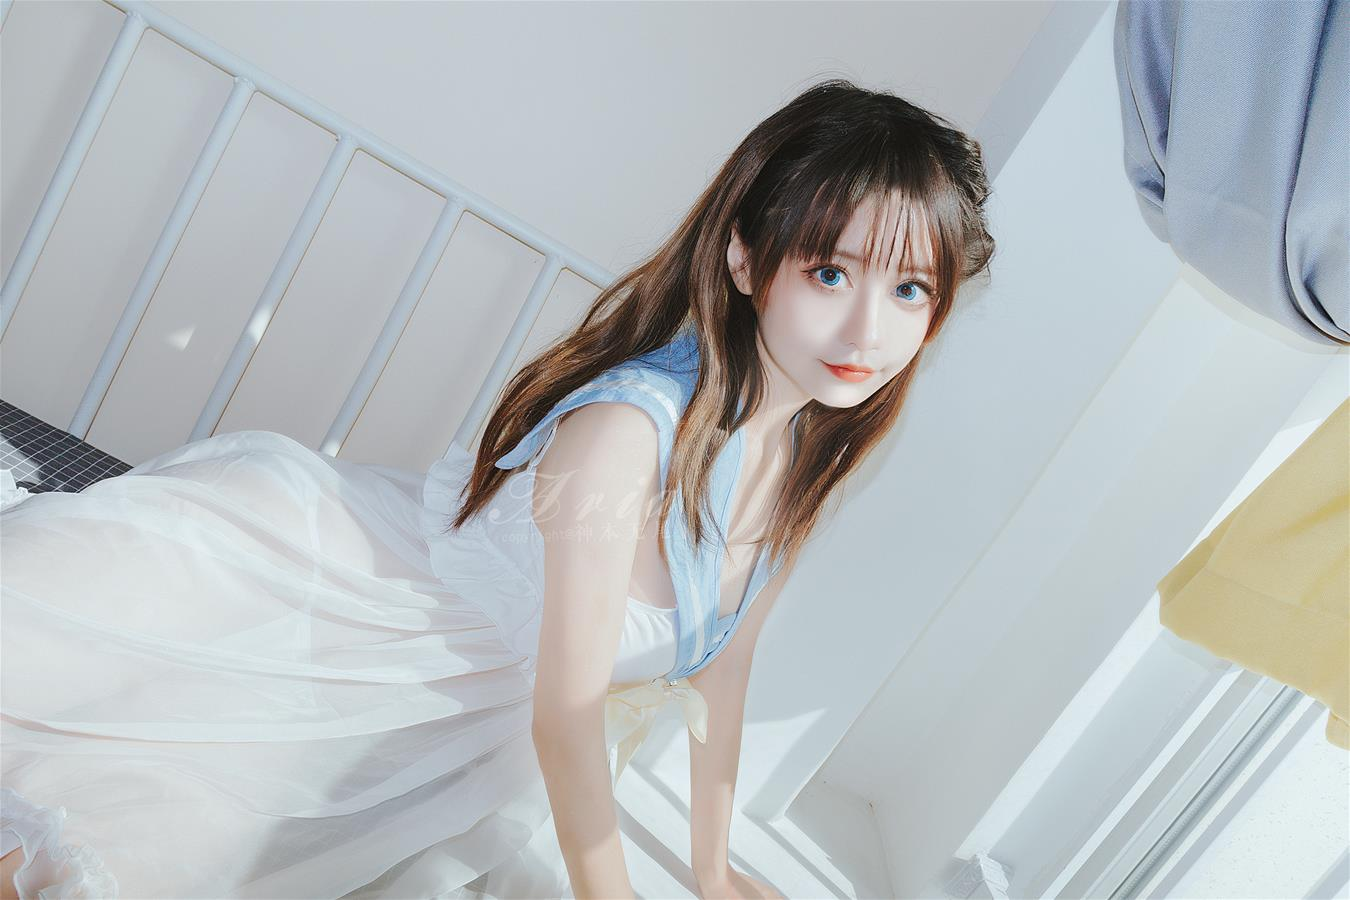 神本无尾 蓝色睡裙 [16P-69MB] 网红少女-第2张